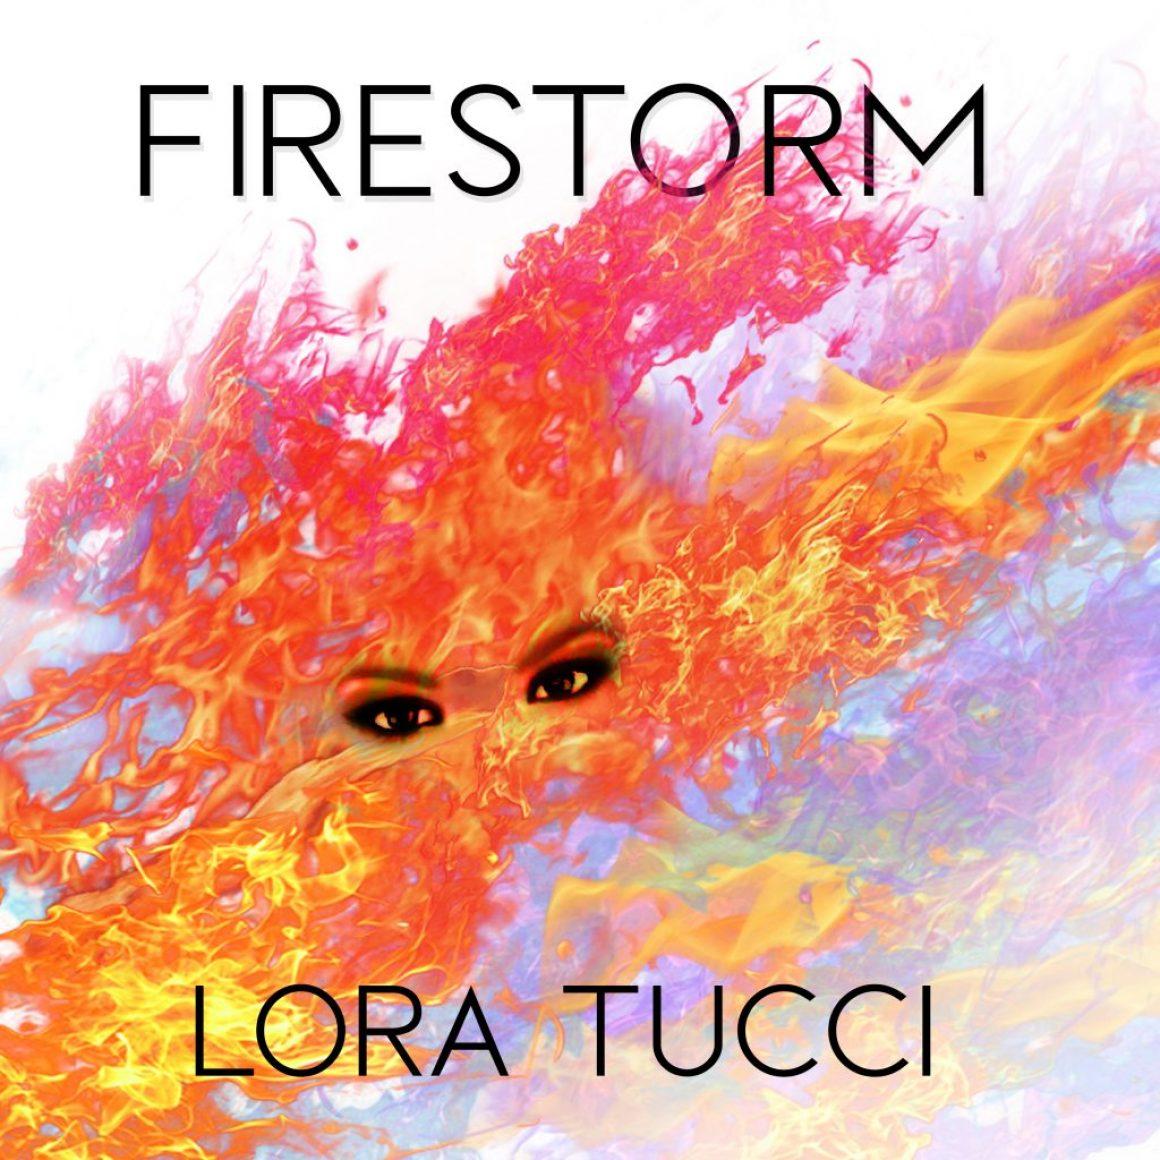 Lora Tucci